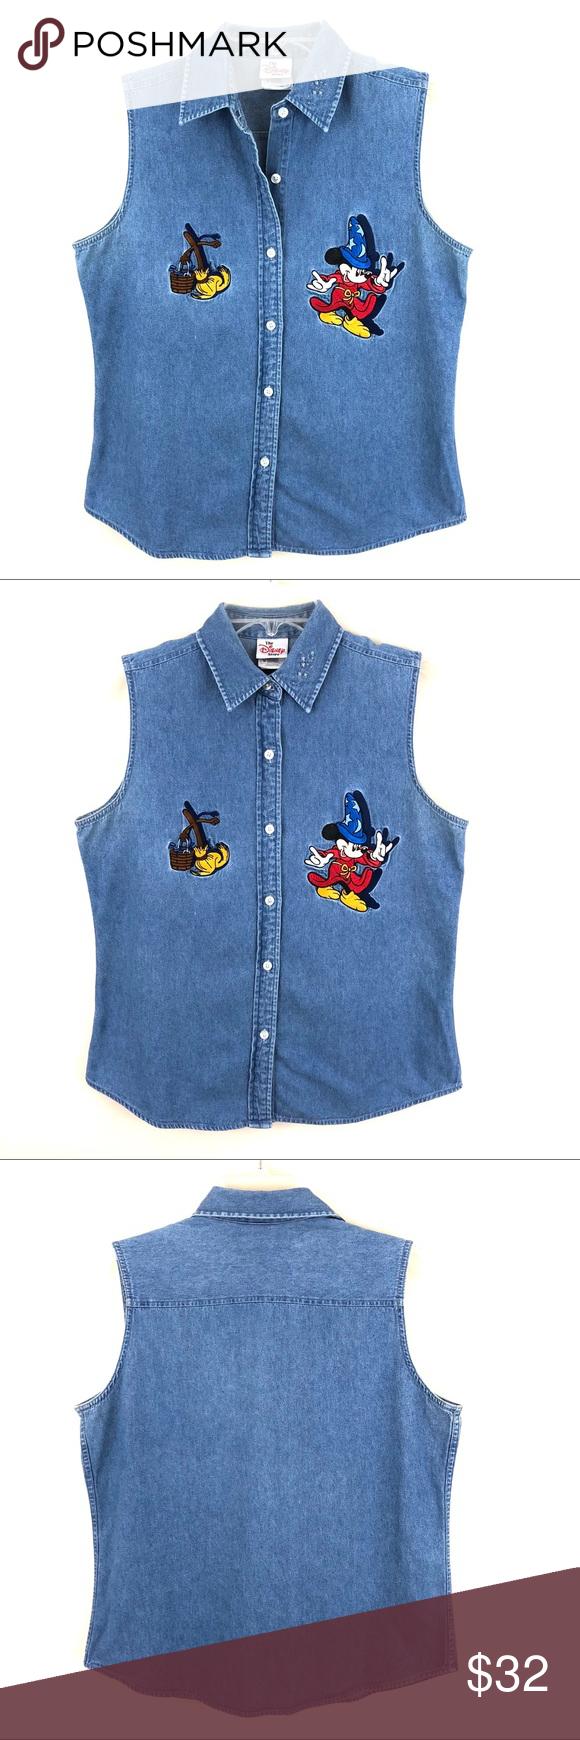 Vintage Disney Fantasia Sorcerer Denim Shirt Vintage Disney Clothes Design Fashion